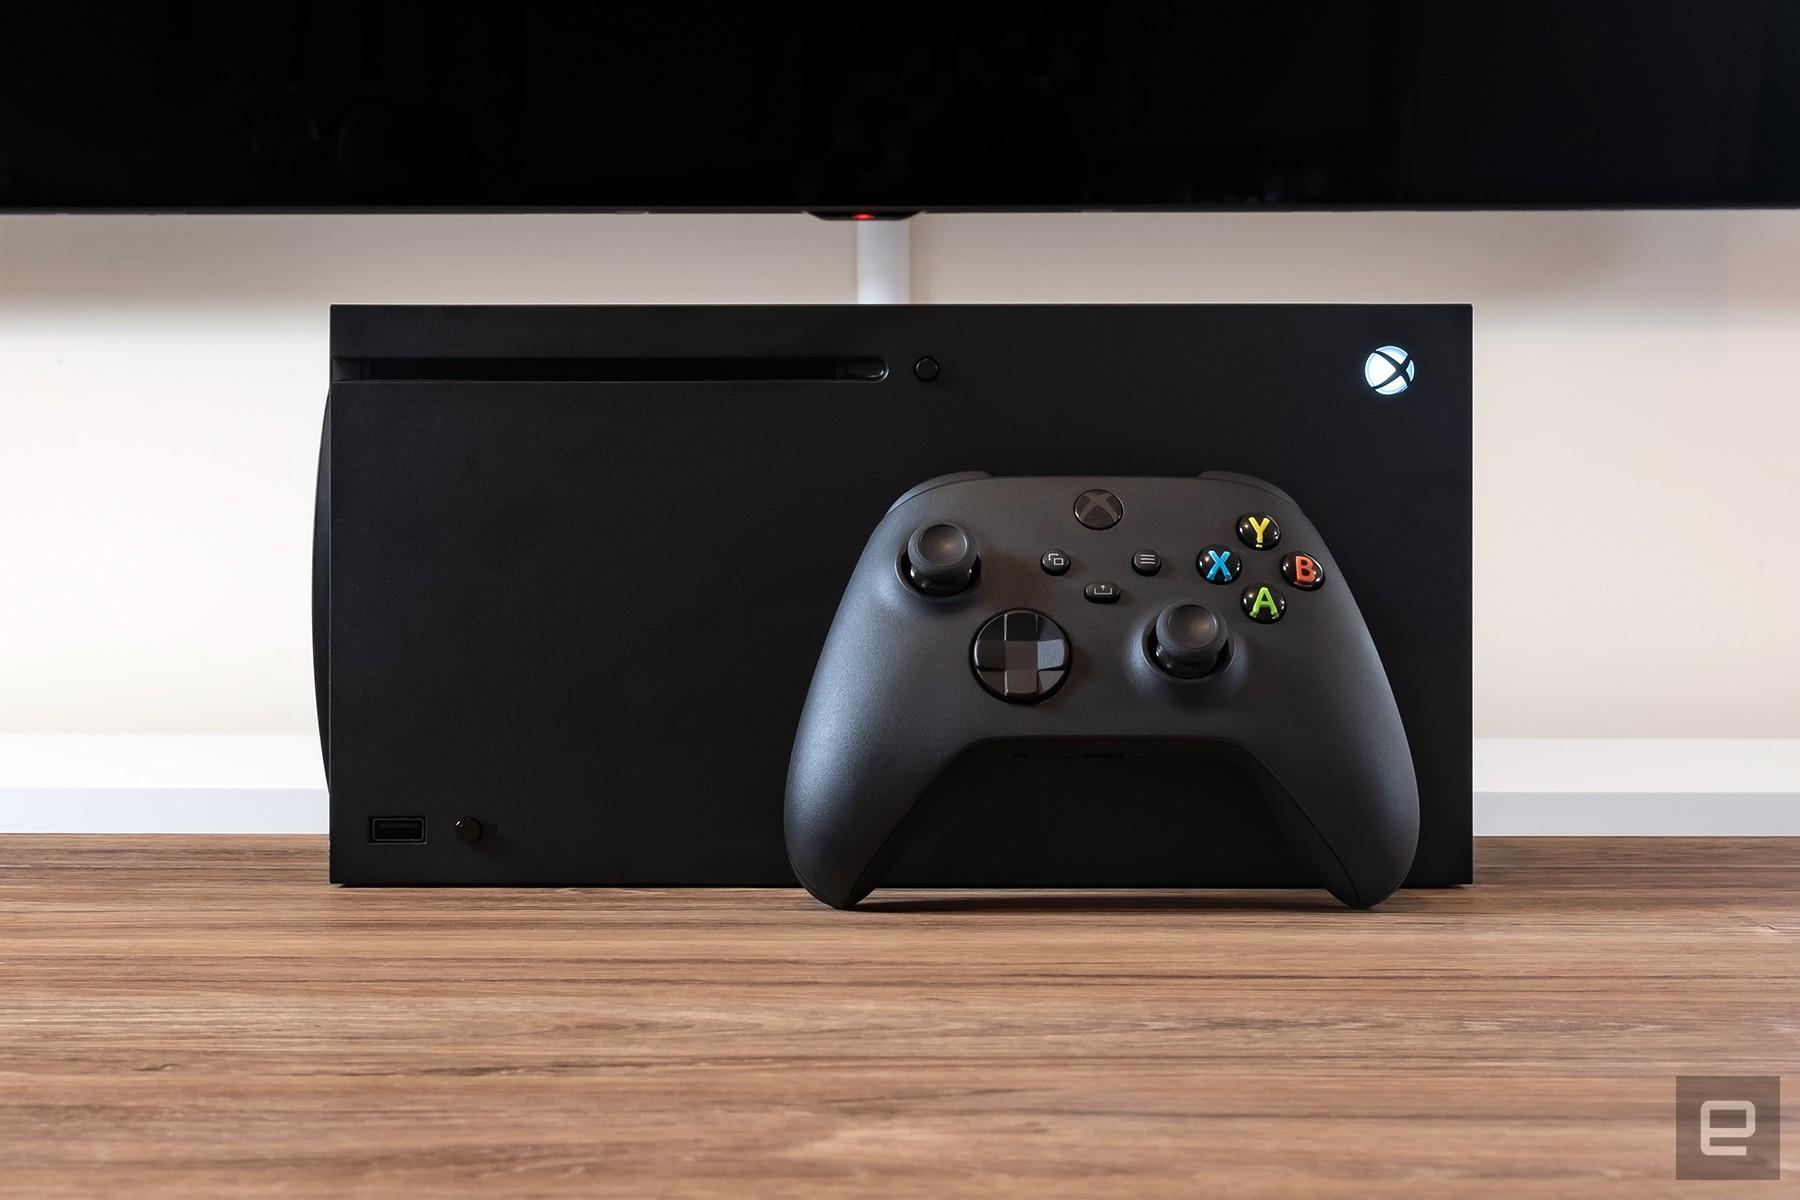 Xbox aile uygulaması artık ebeveynlerin harcama limitleri belirlemesine izin veriyor | Engadget